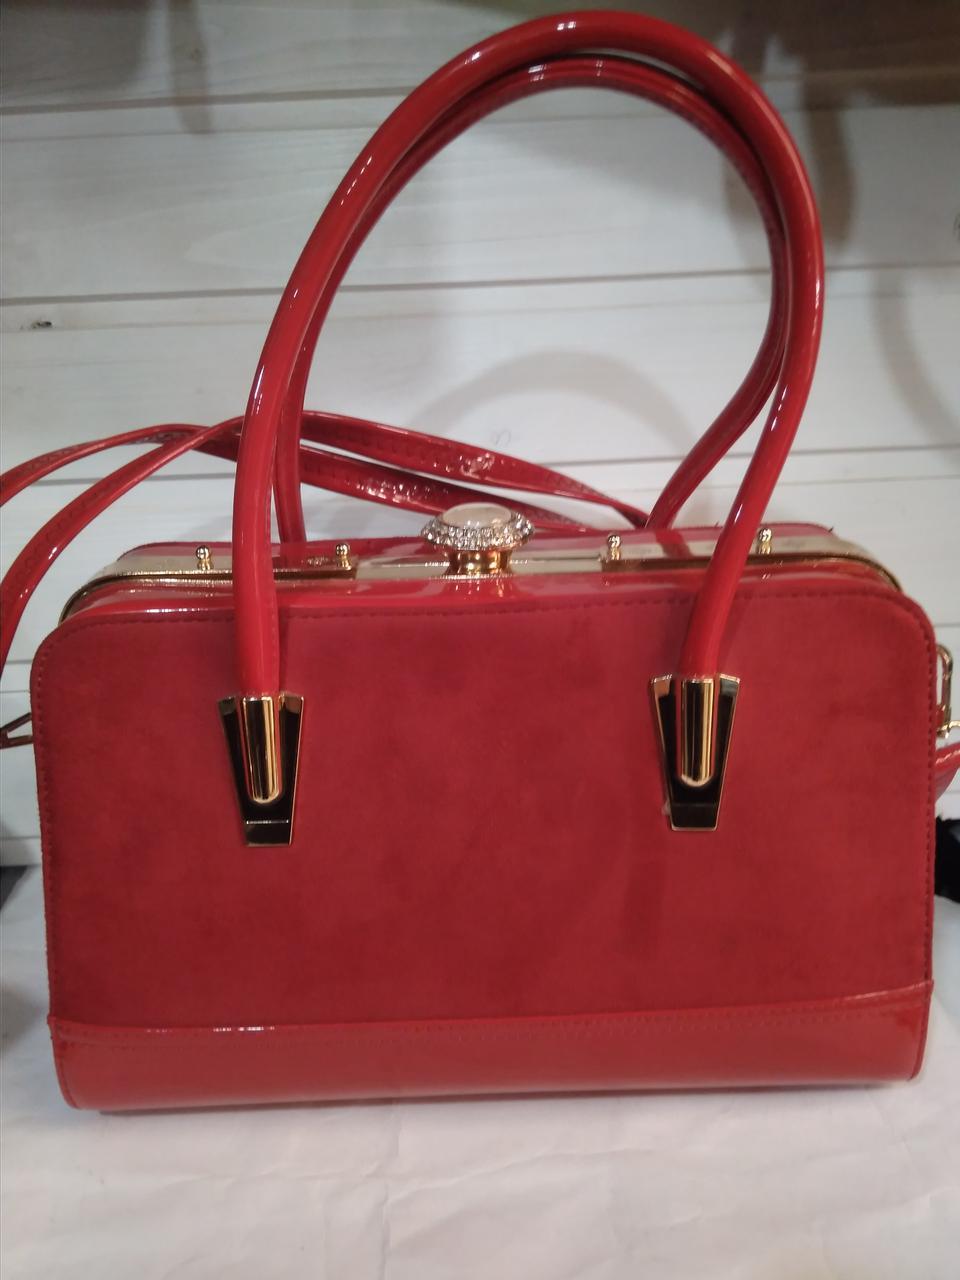 83216a474e9d Женская сумка с жестким каркасом внутри и застежкой типа